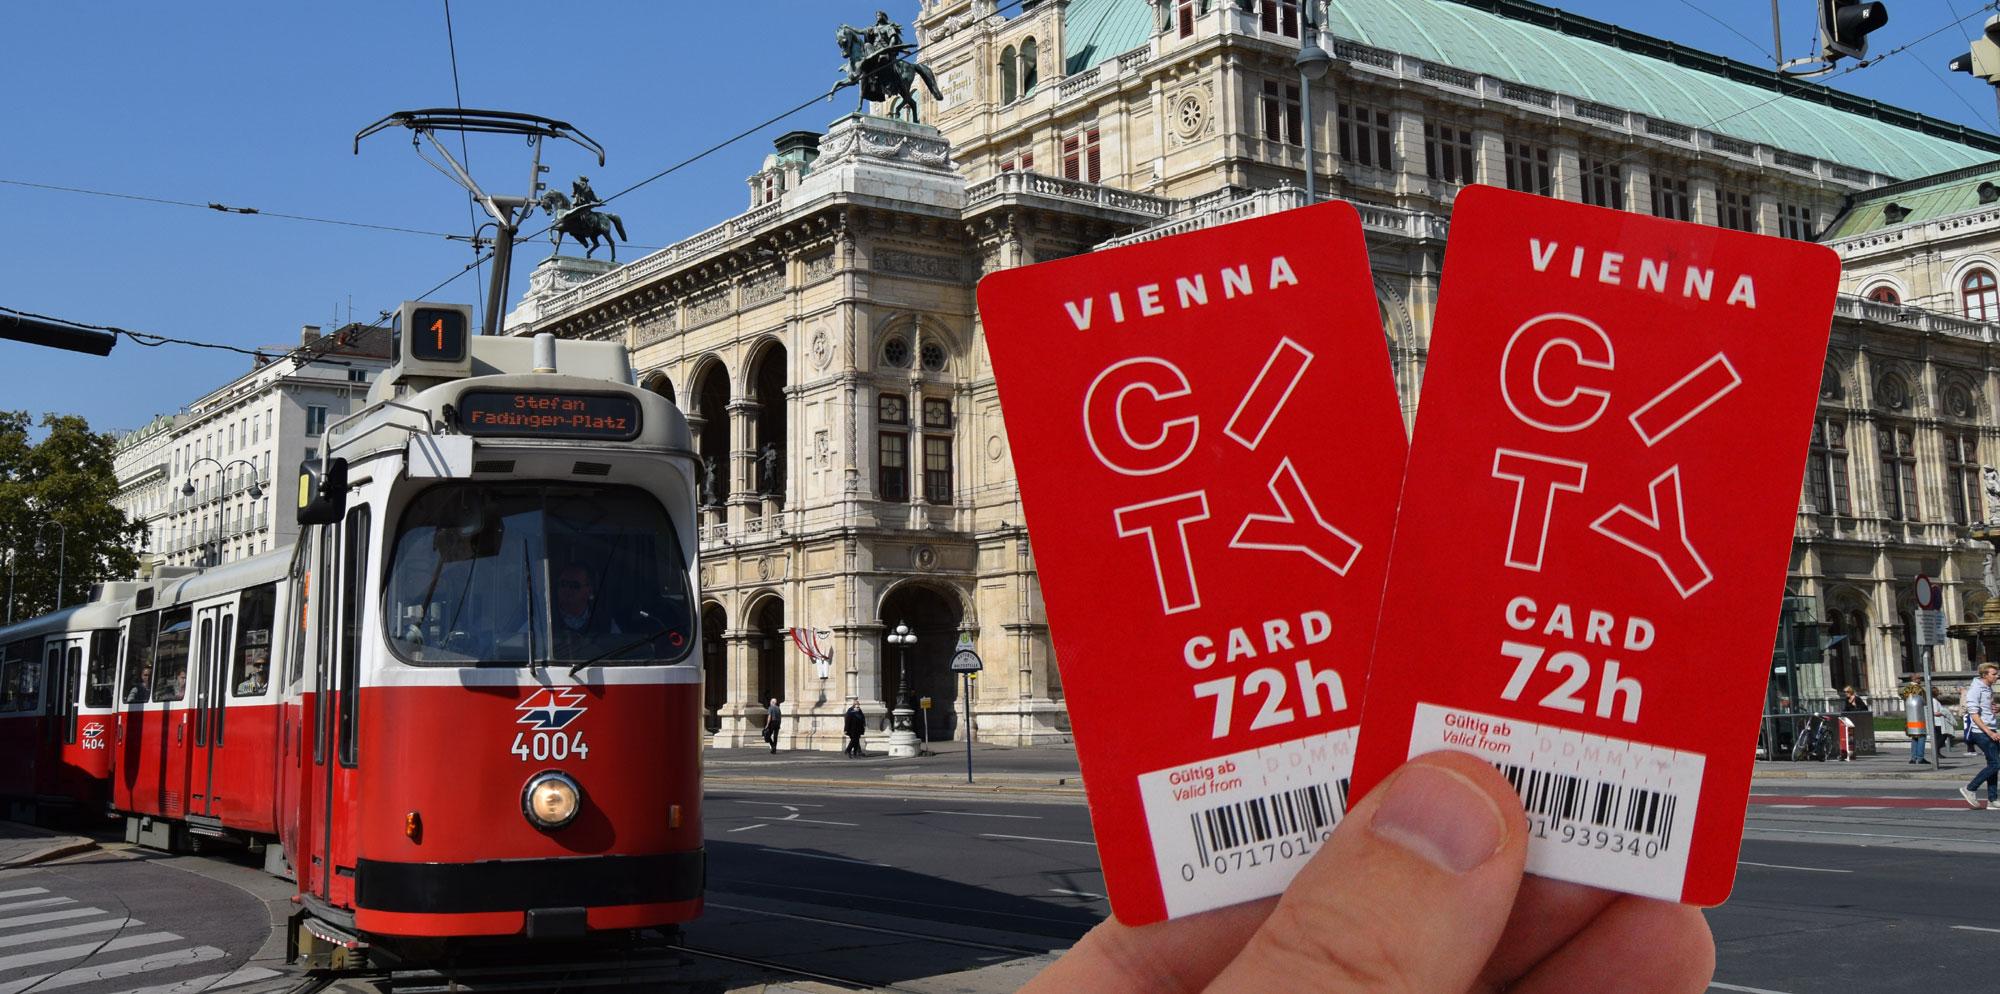 венская туристическая карта